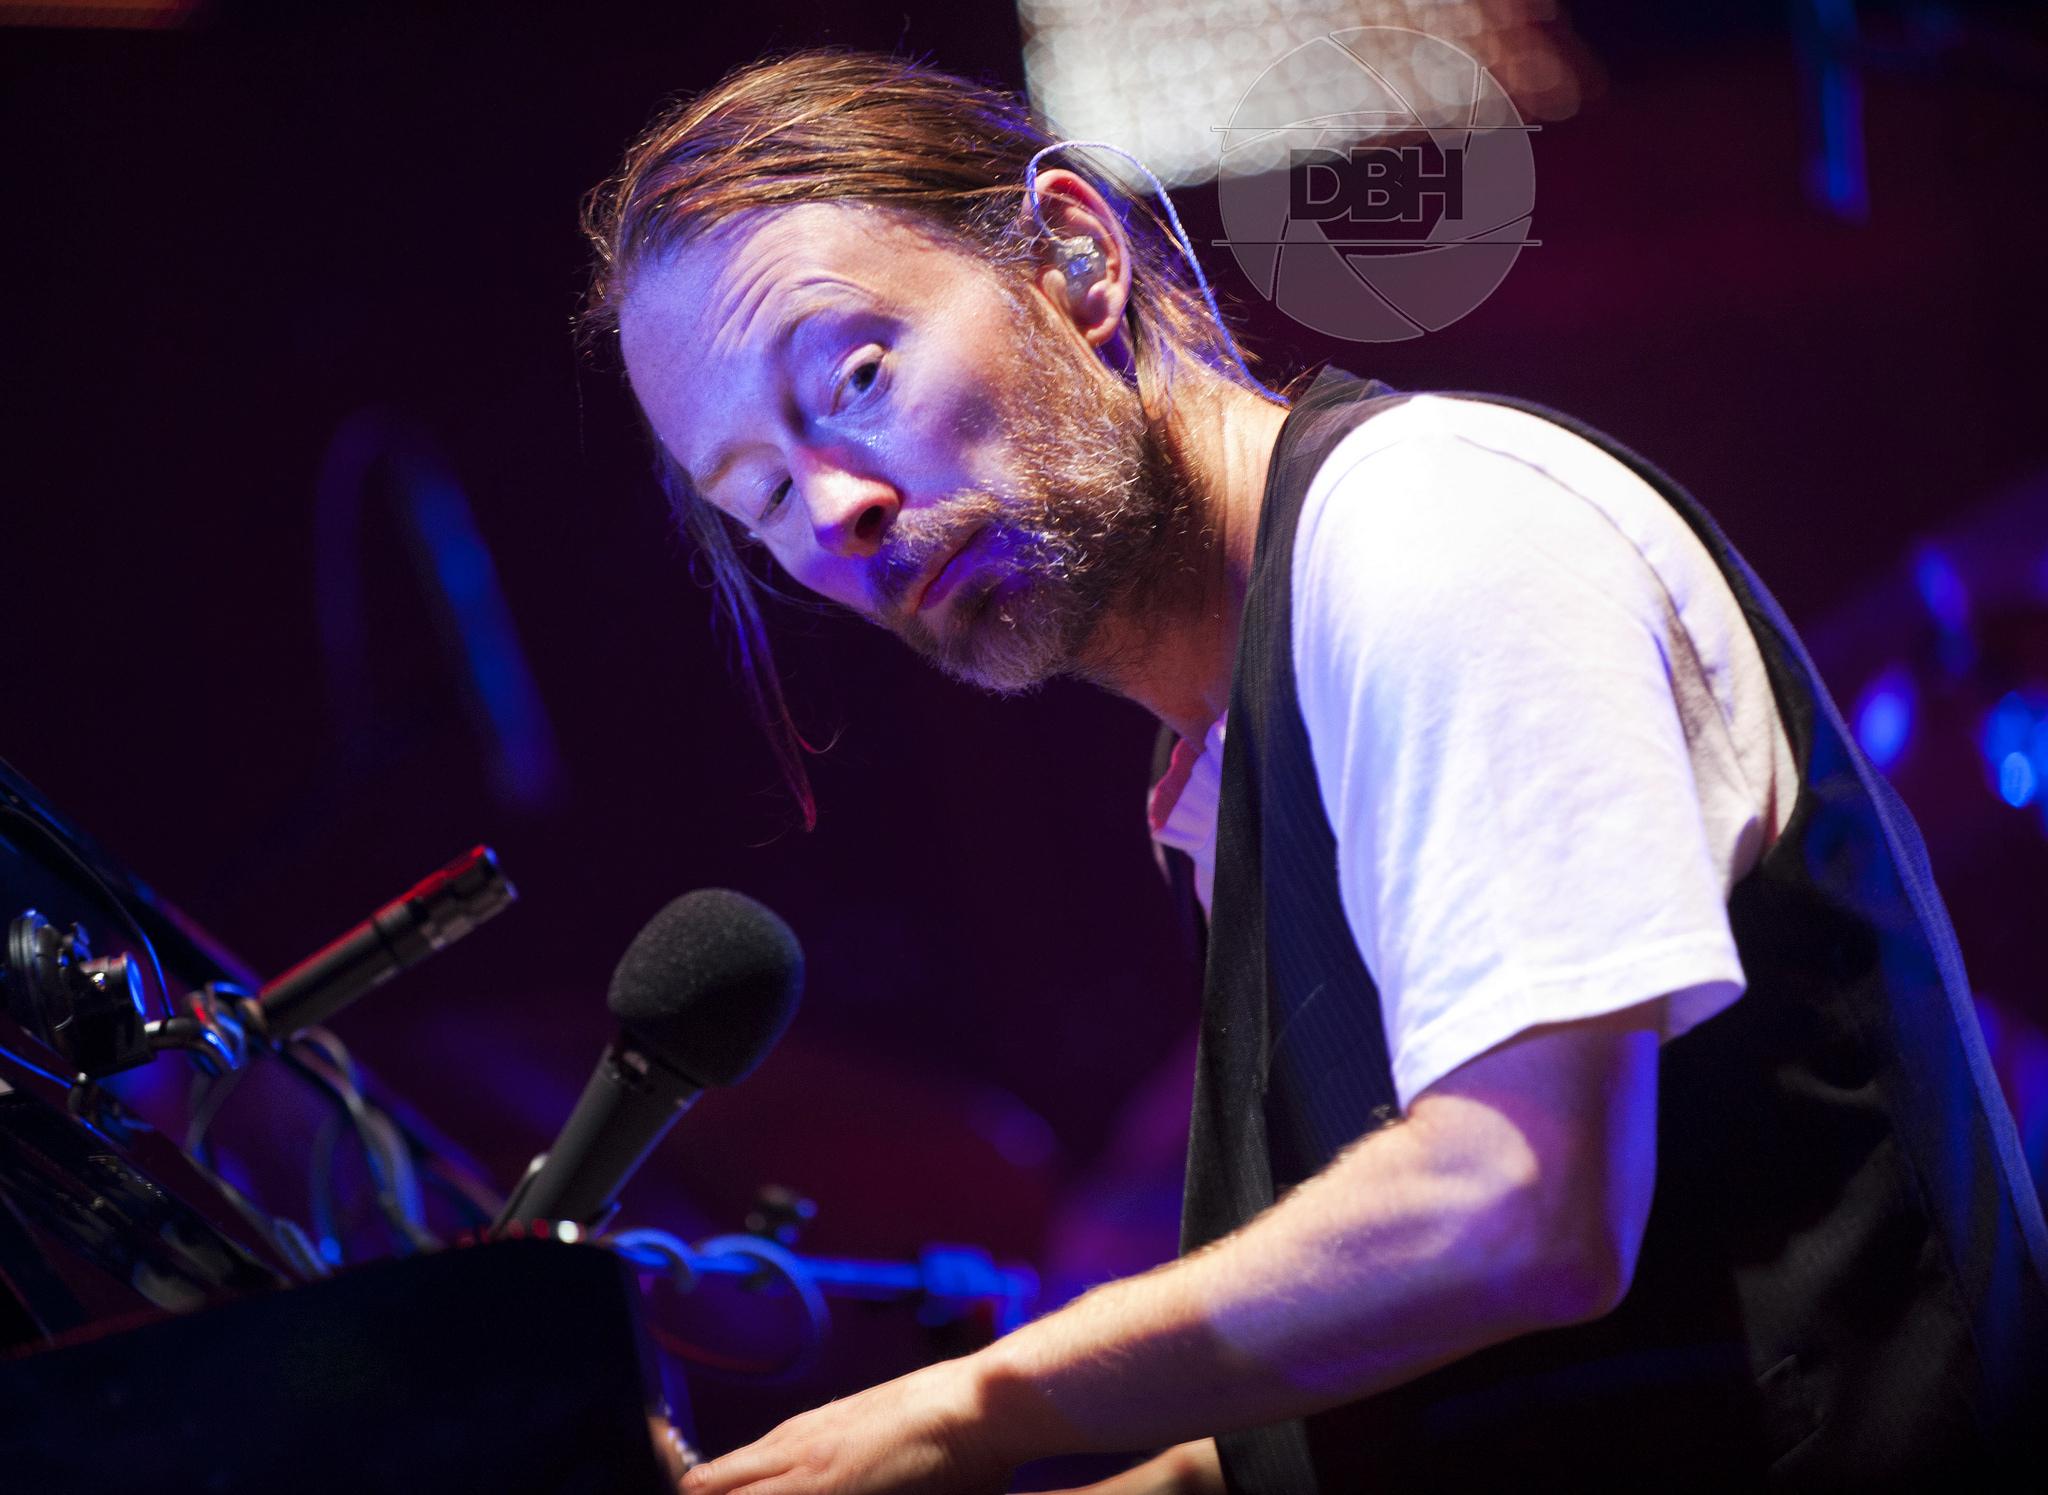 Radiohead (Thom Yorke)